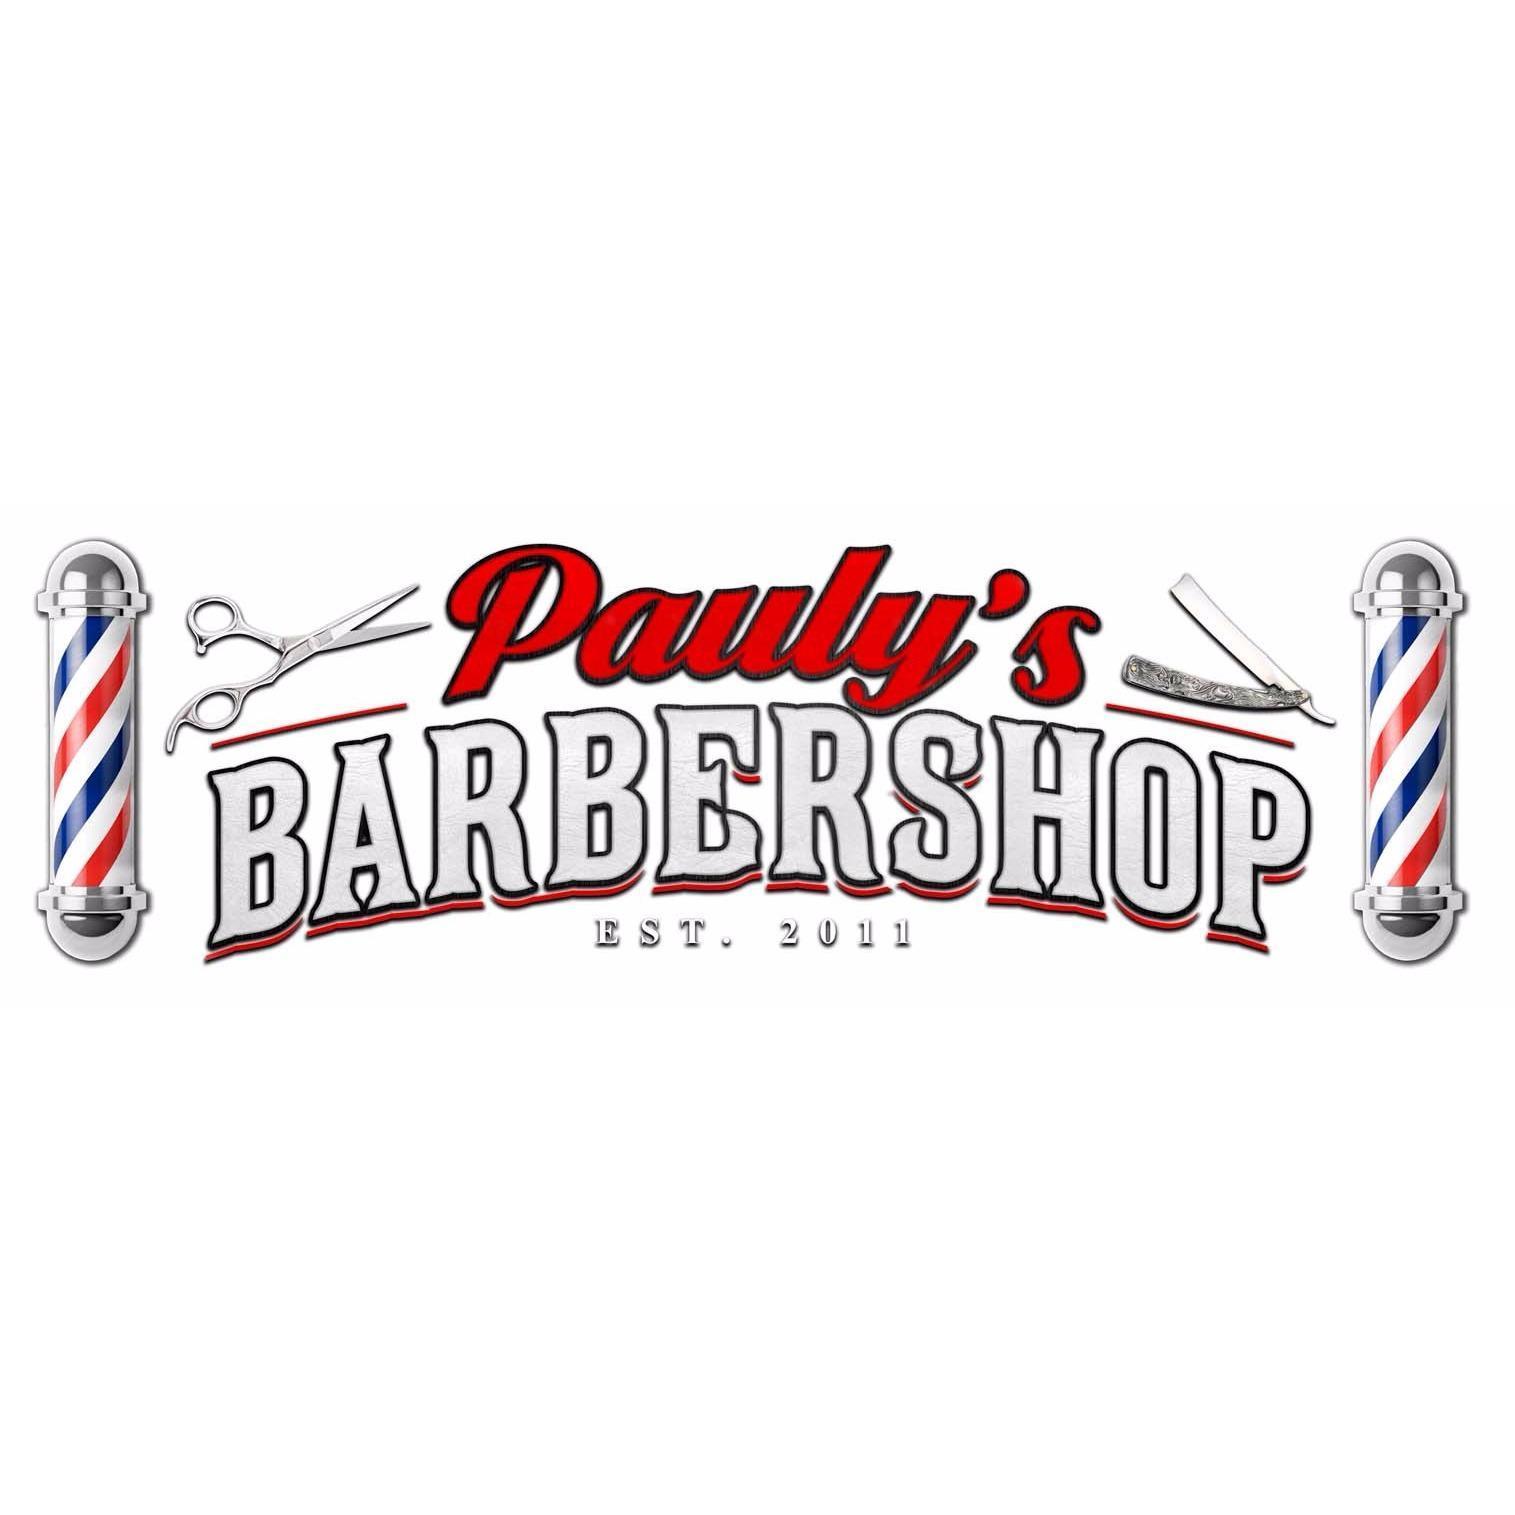 Pauly's Barbershop